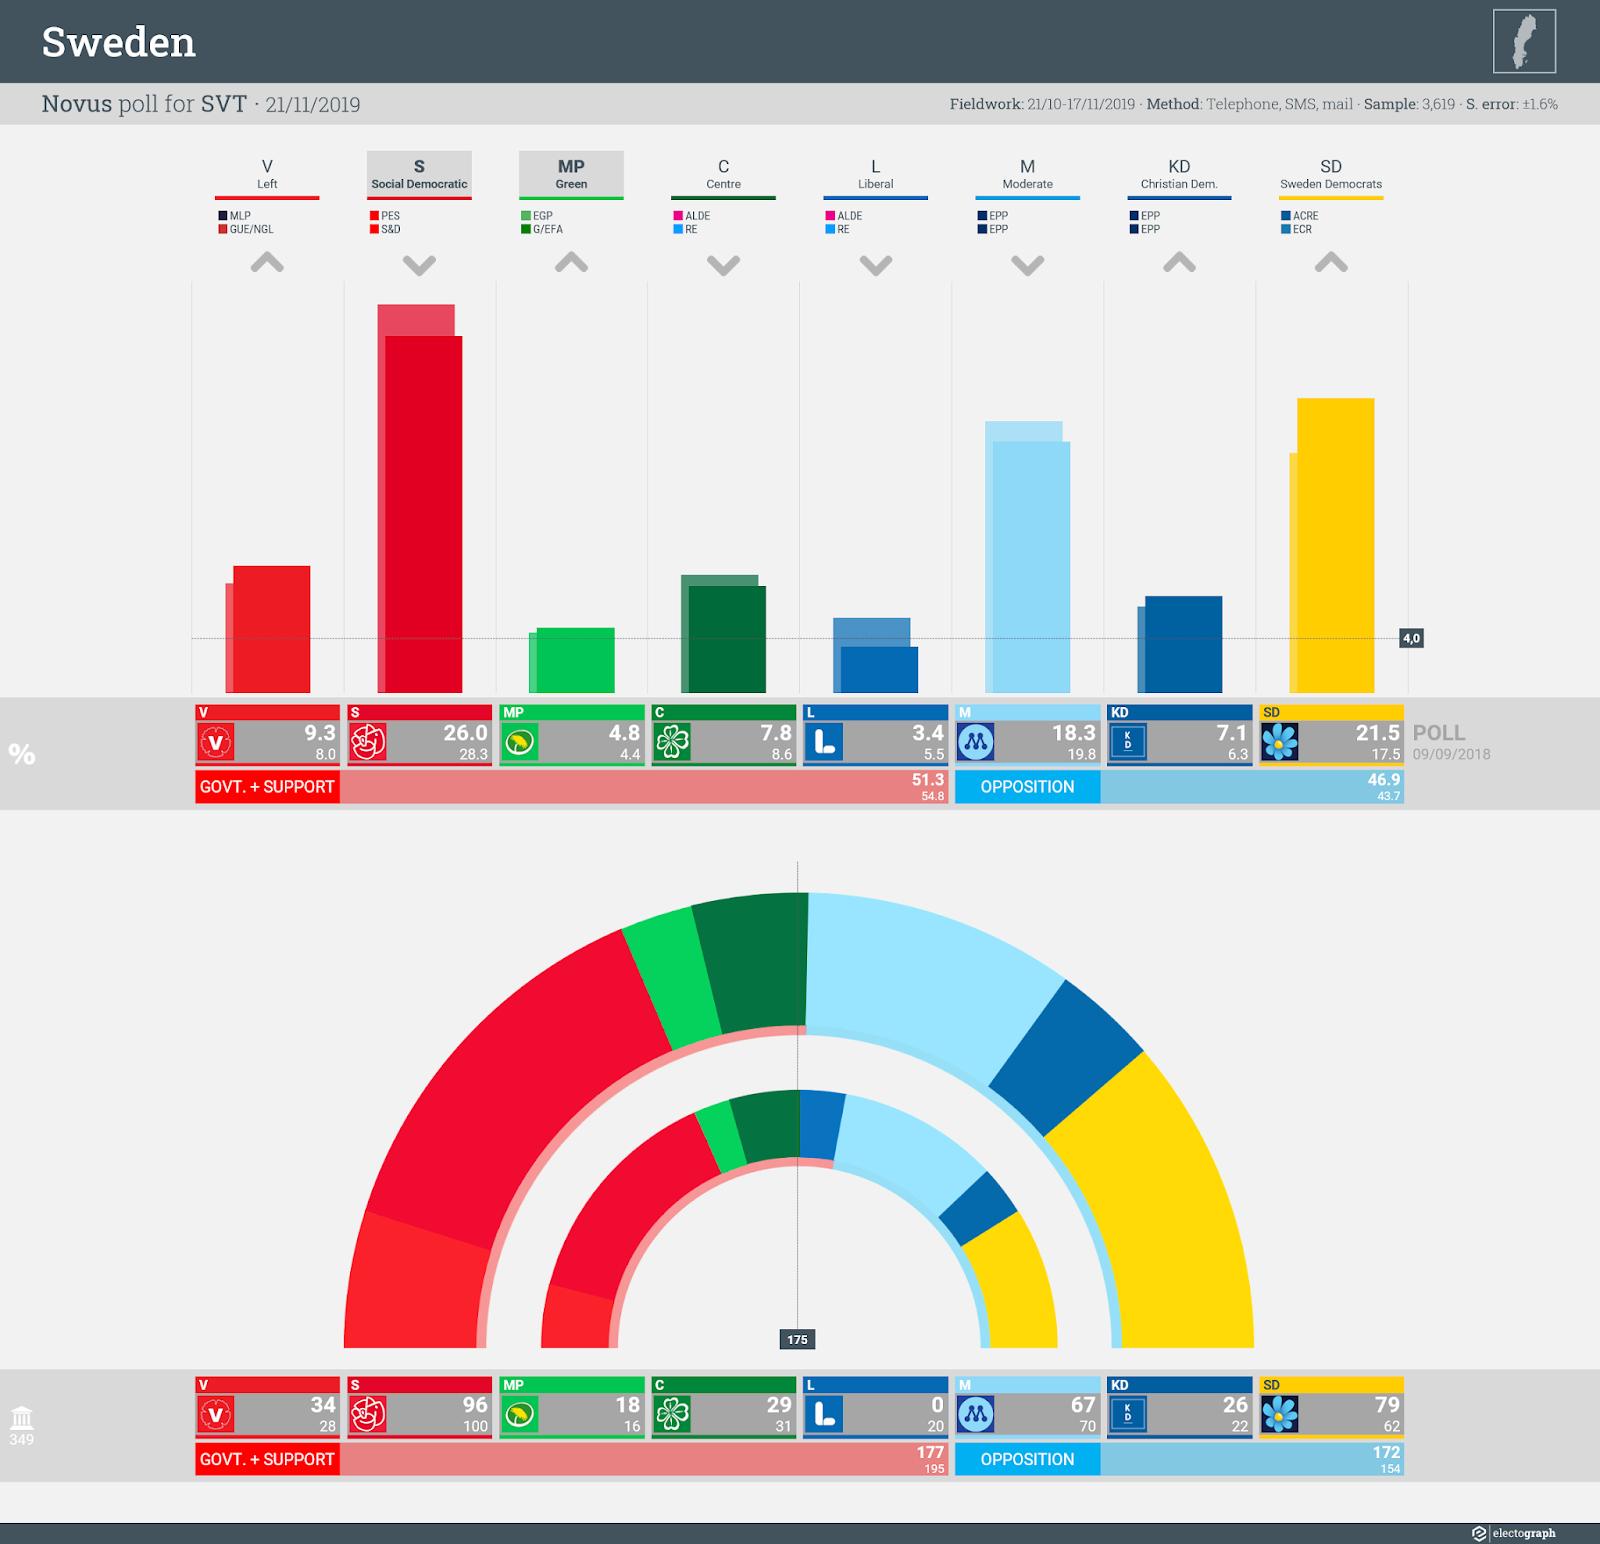 SWEDEN: Novus poll chart for SVT, 21 November 2019